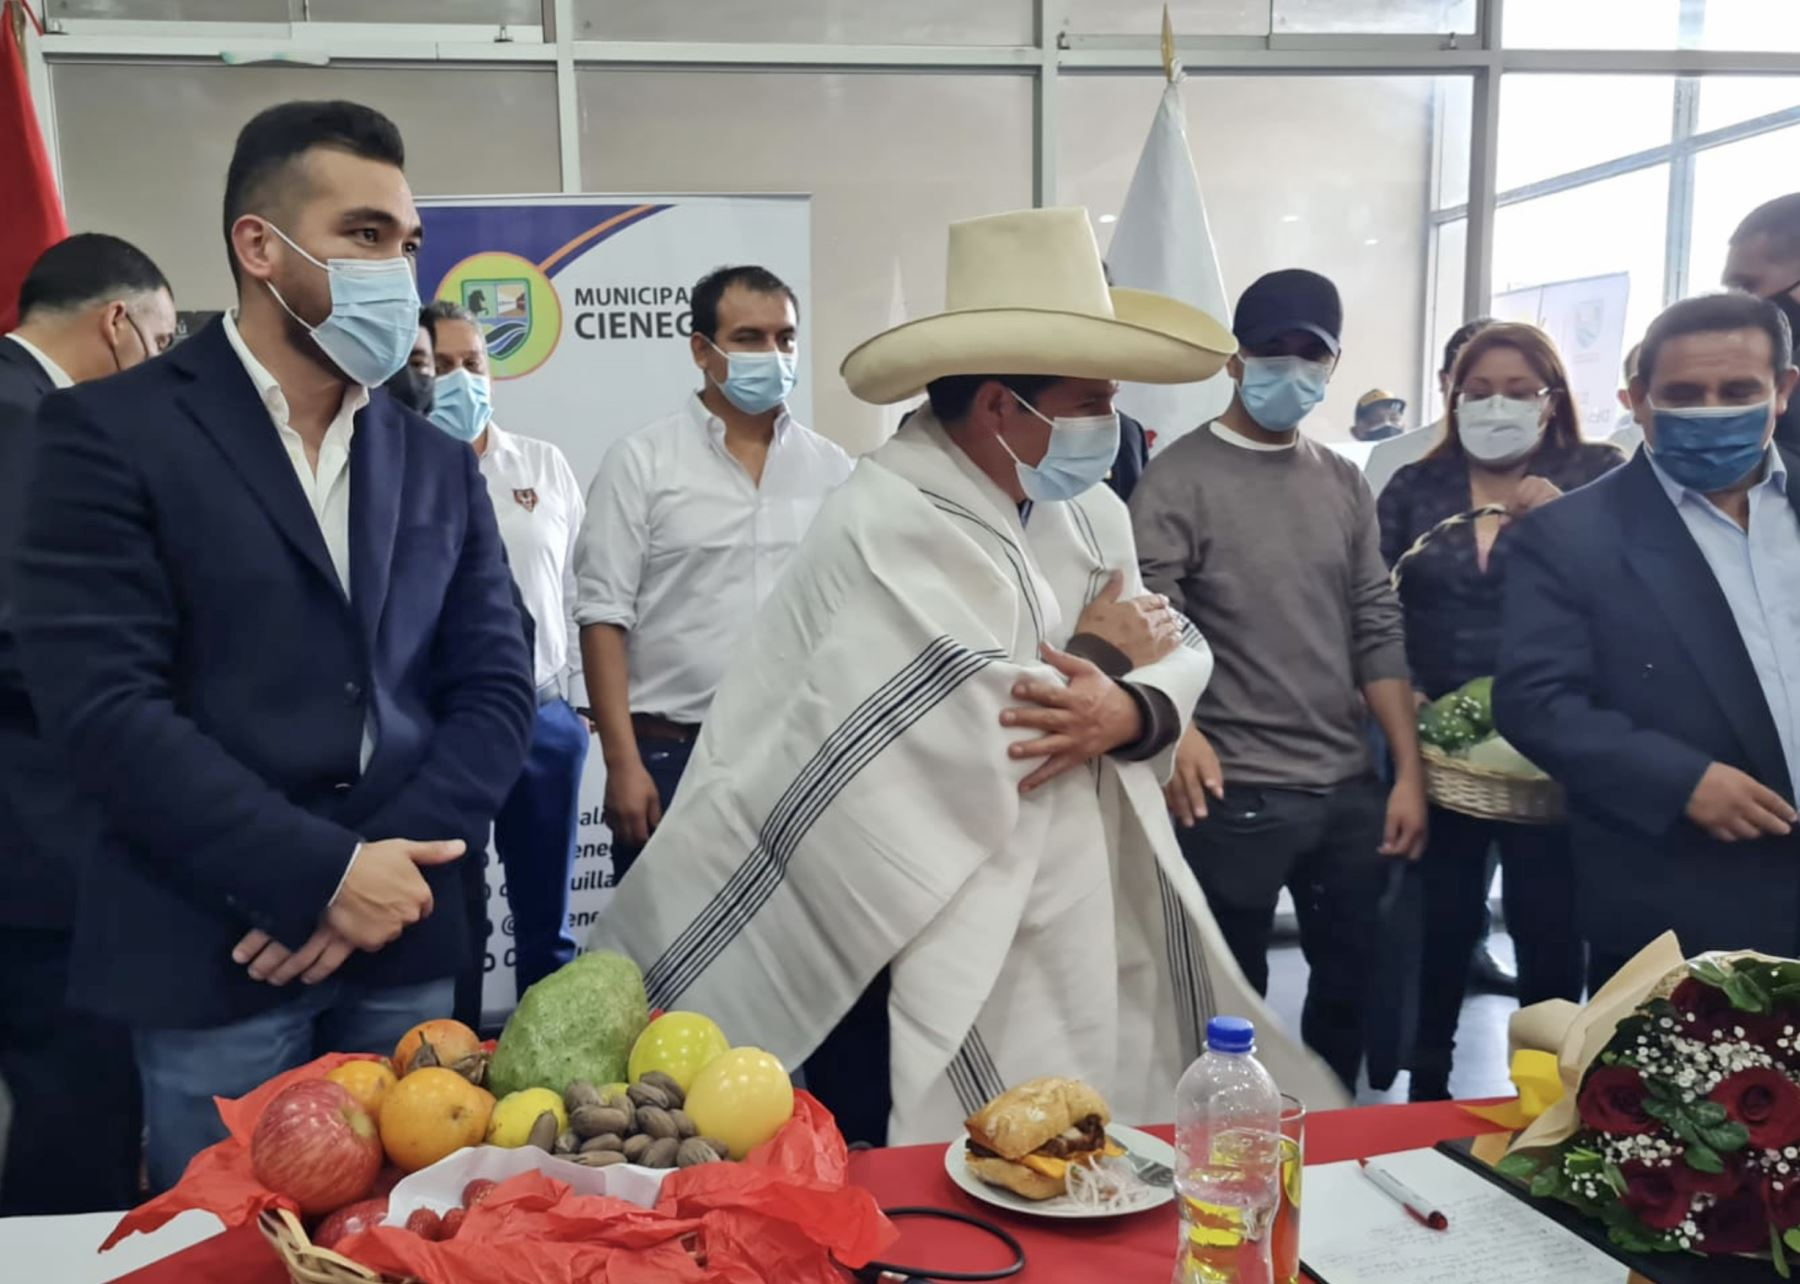 Pedro Castillo se reunió con integrantes de la Asociación de Municipalidades del Perú (AMPE) en Cieneguilla. Foto: ANDINA/Difusión